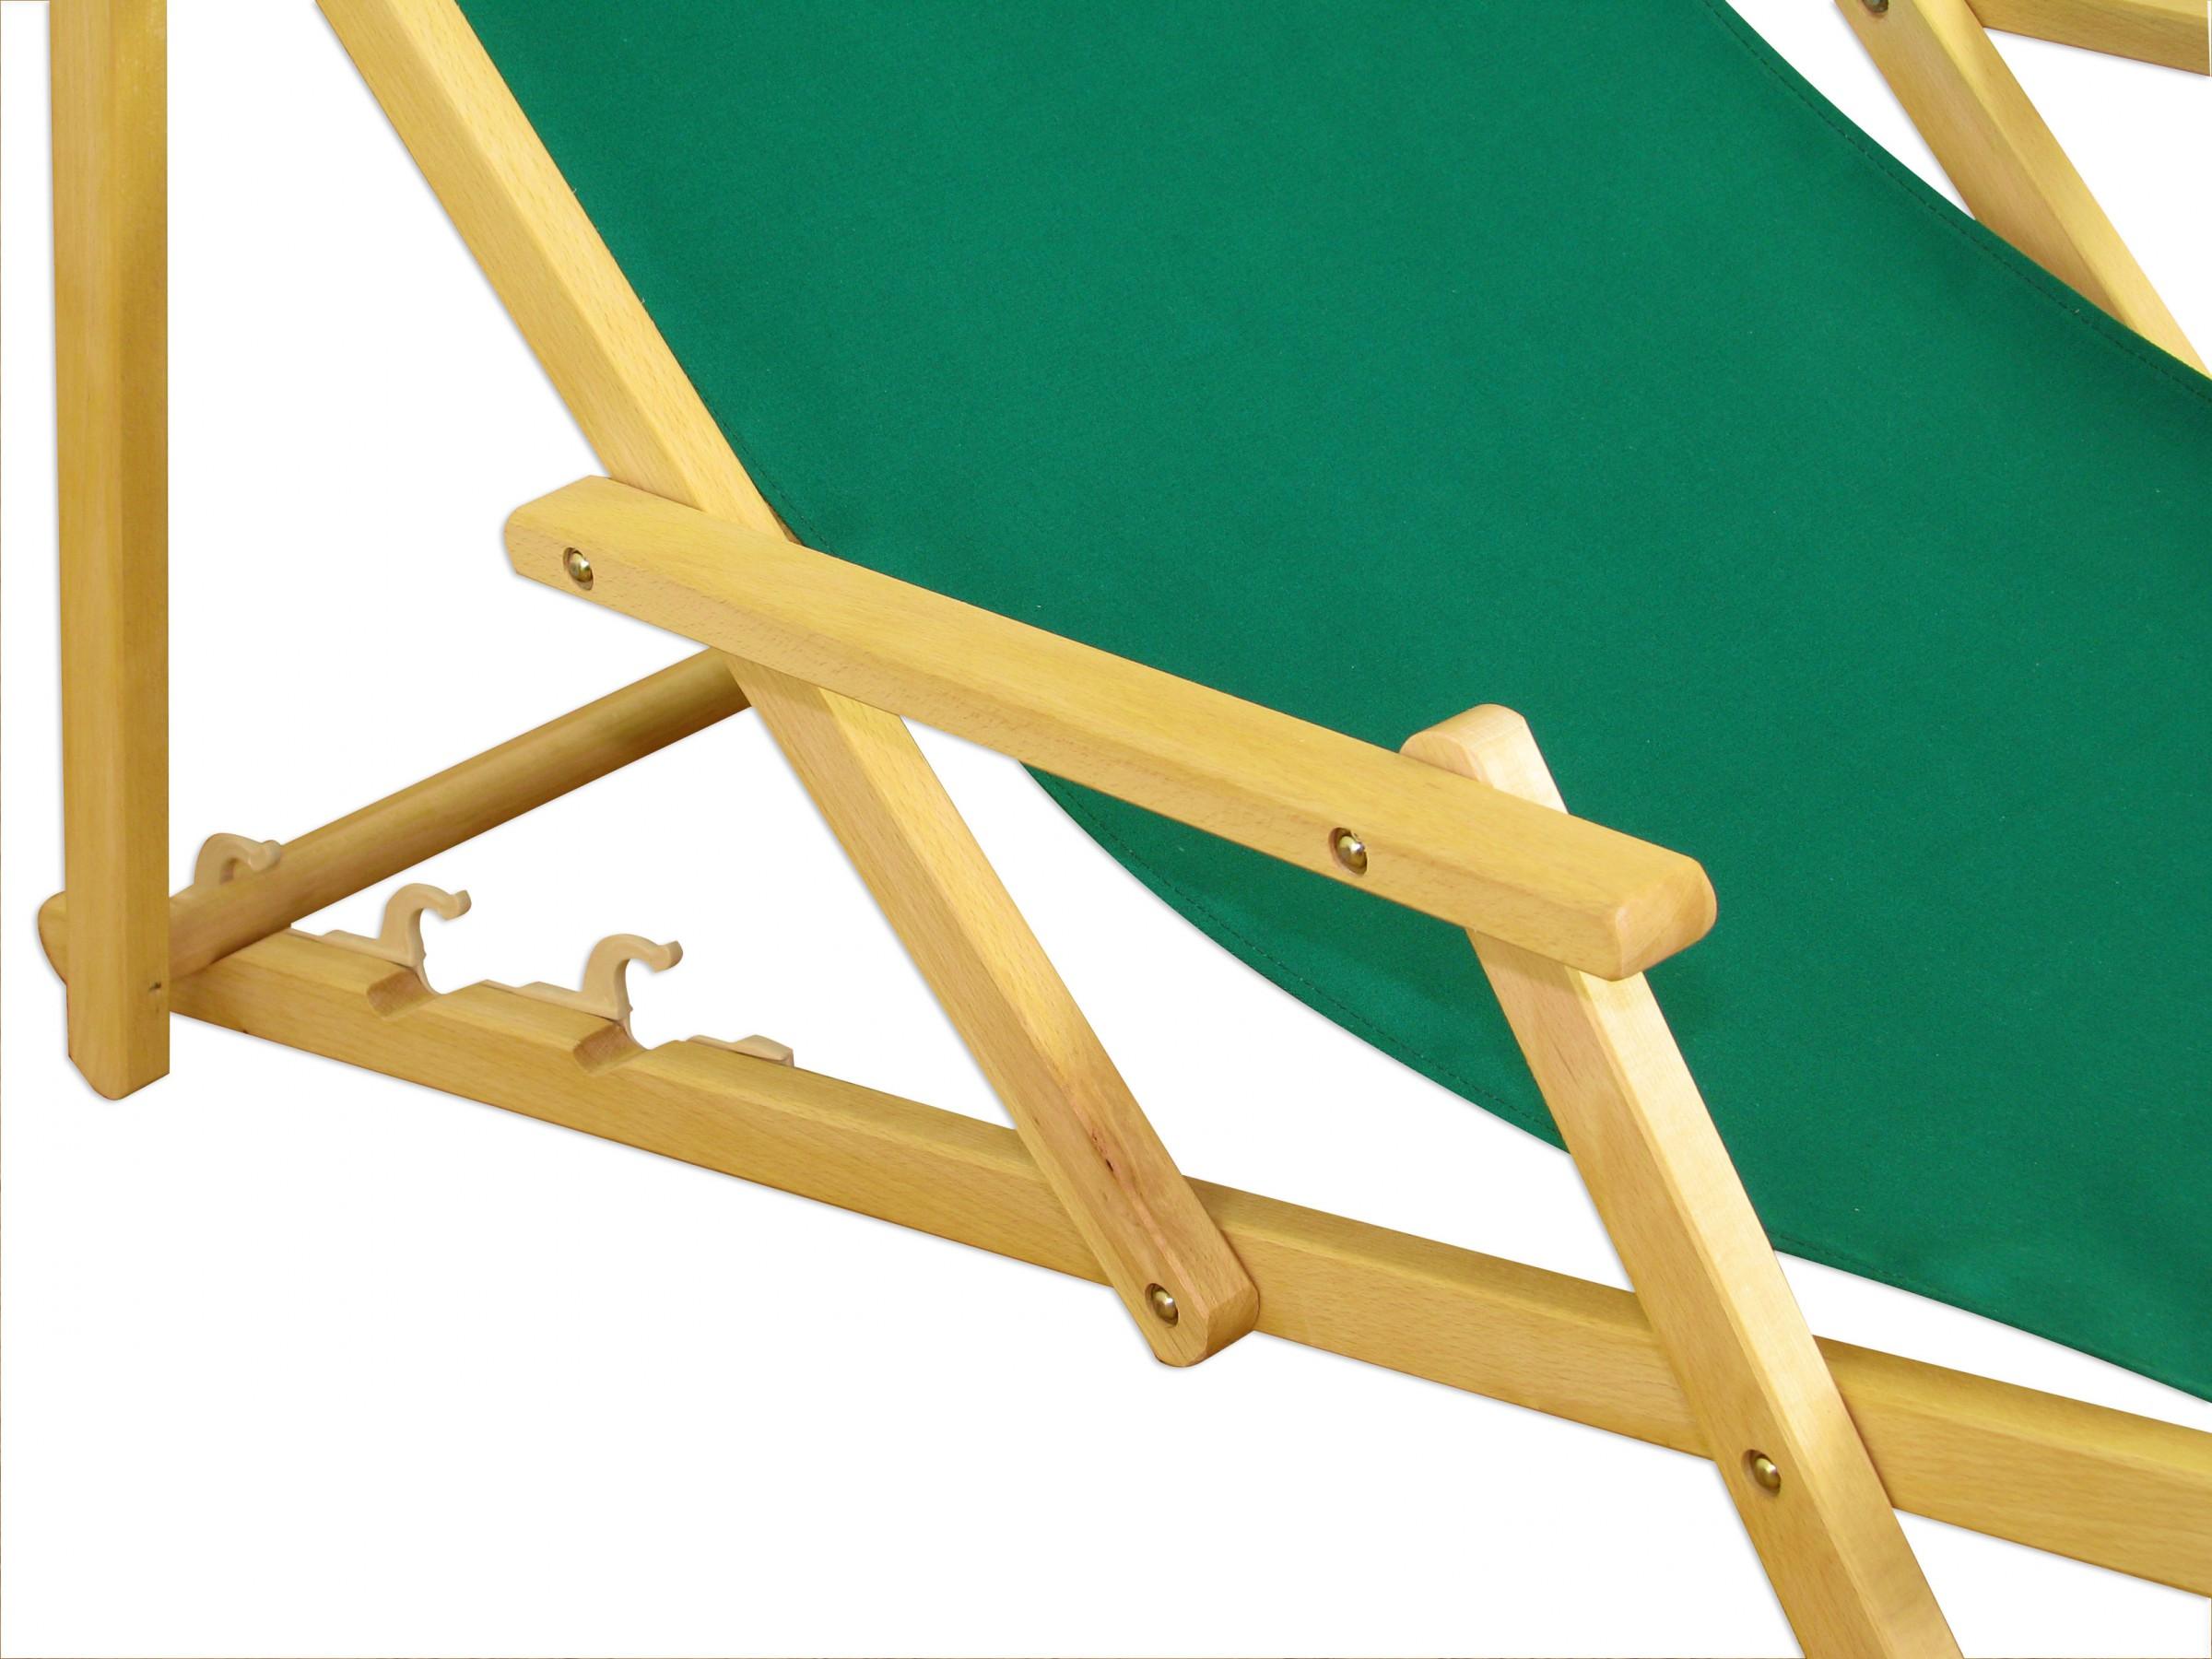 Sedia A Sdraio In Legno : Sedia a sdraio verde giardino da spiaggia tavolo legno 10 304 nstkd